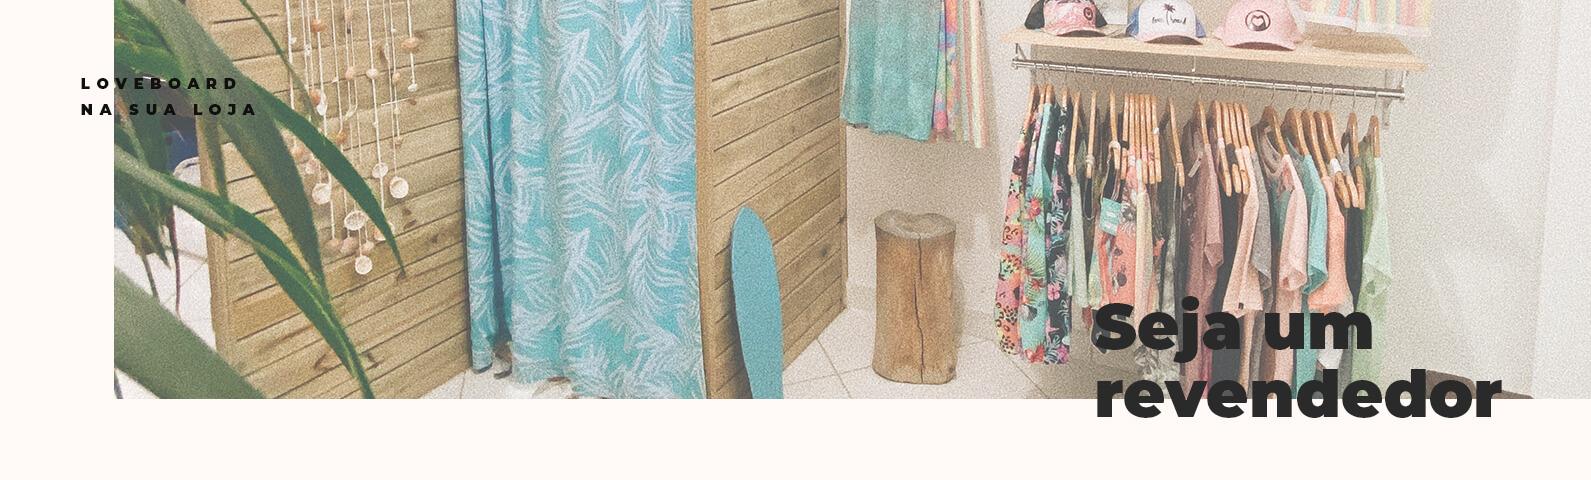 Na imagem mostra a loja fisica da loveboard com os produtos no cabide espostos, junto a um provador de roupas com espelho